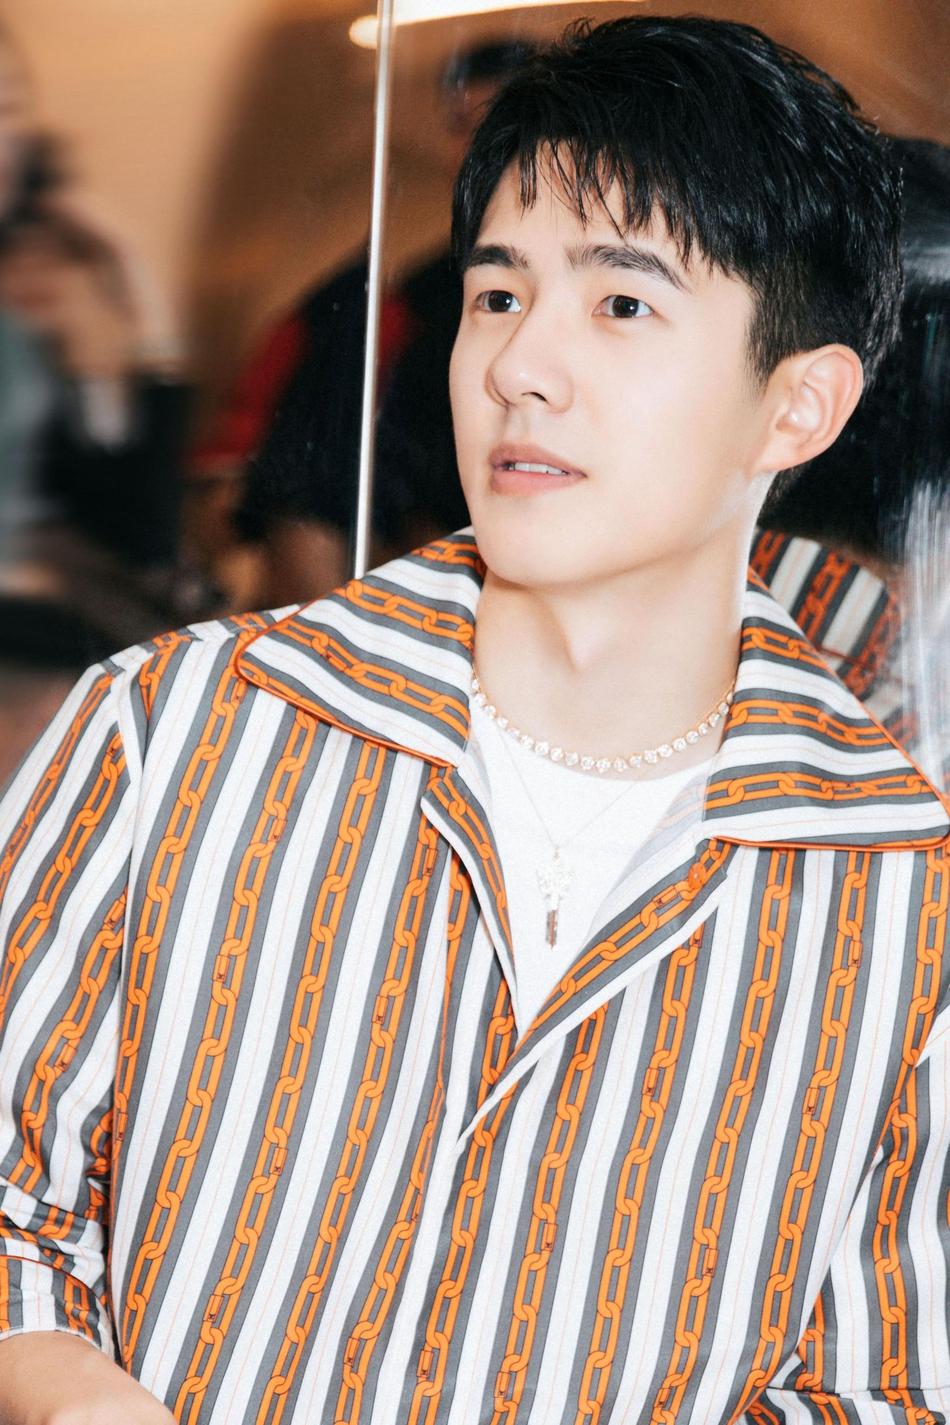 刘昊然条纹套装亮相活力青春 头顶动漫手办